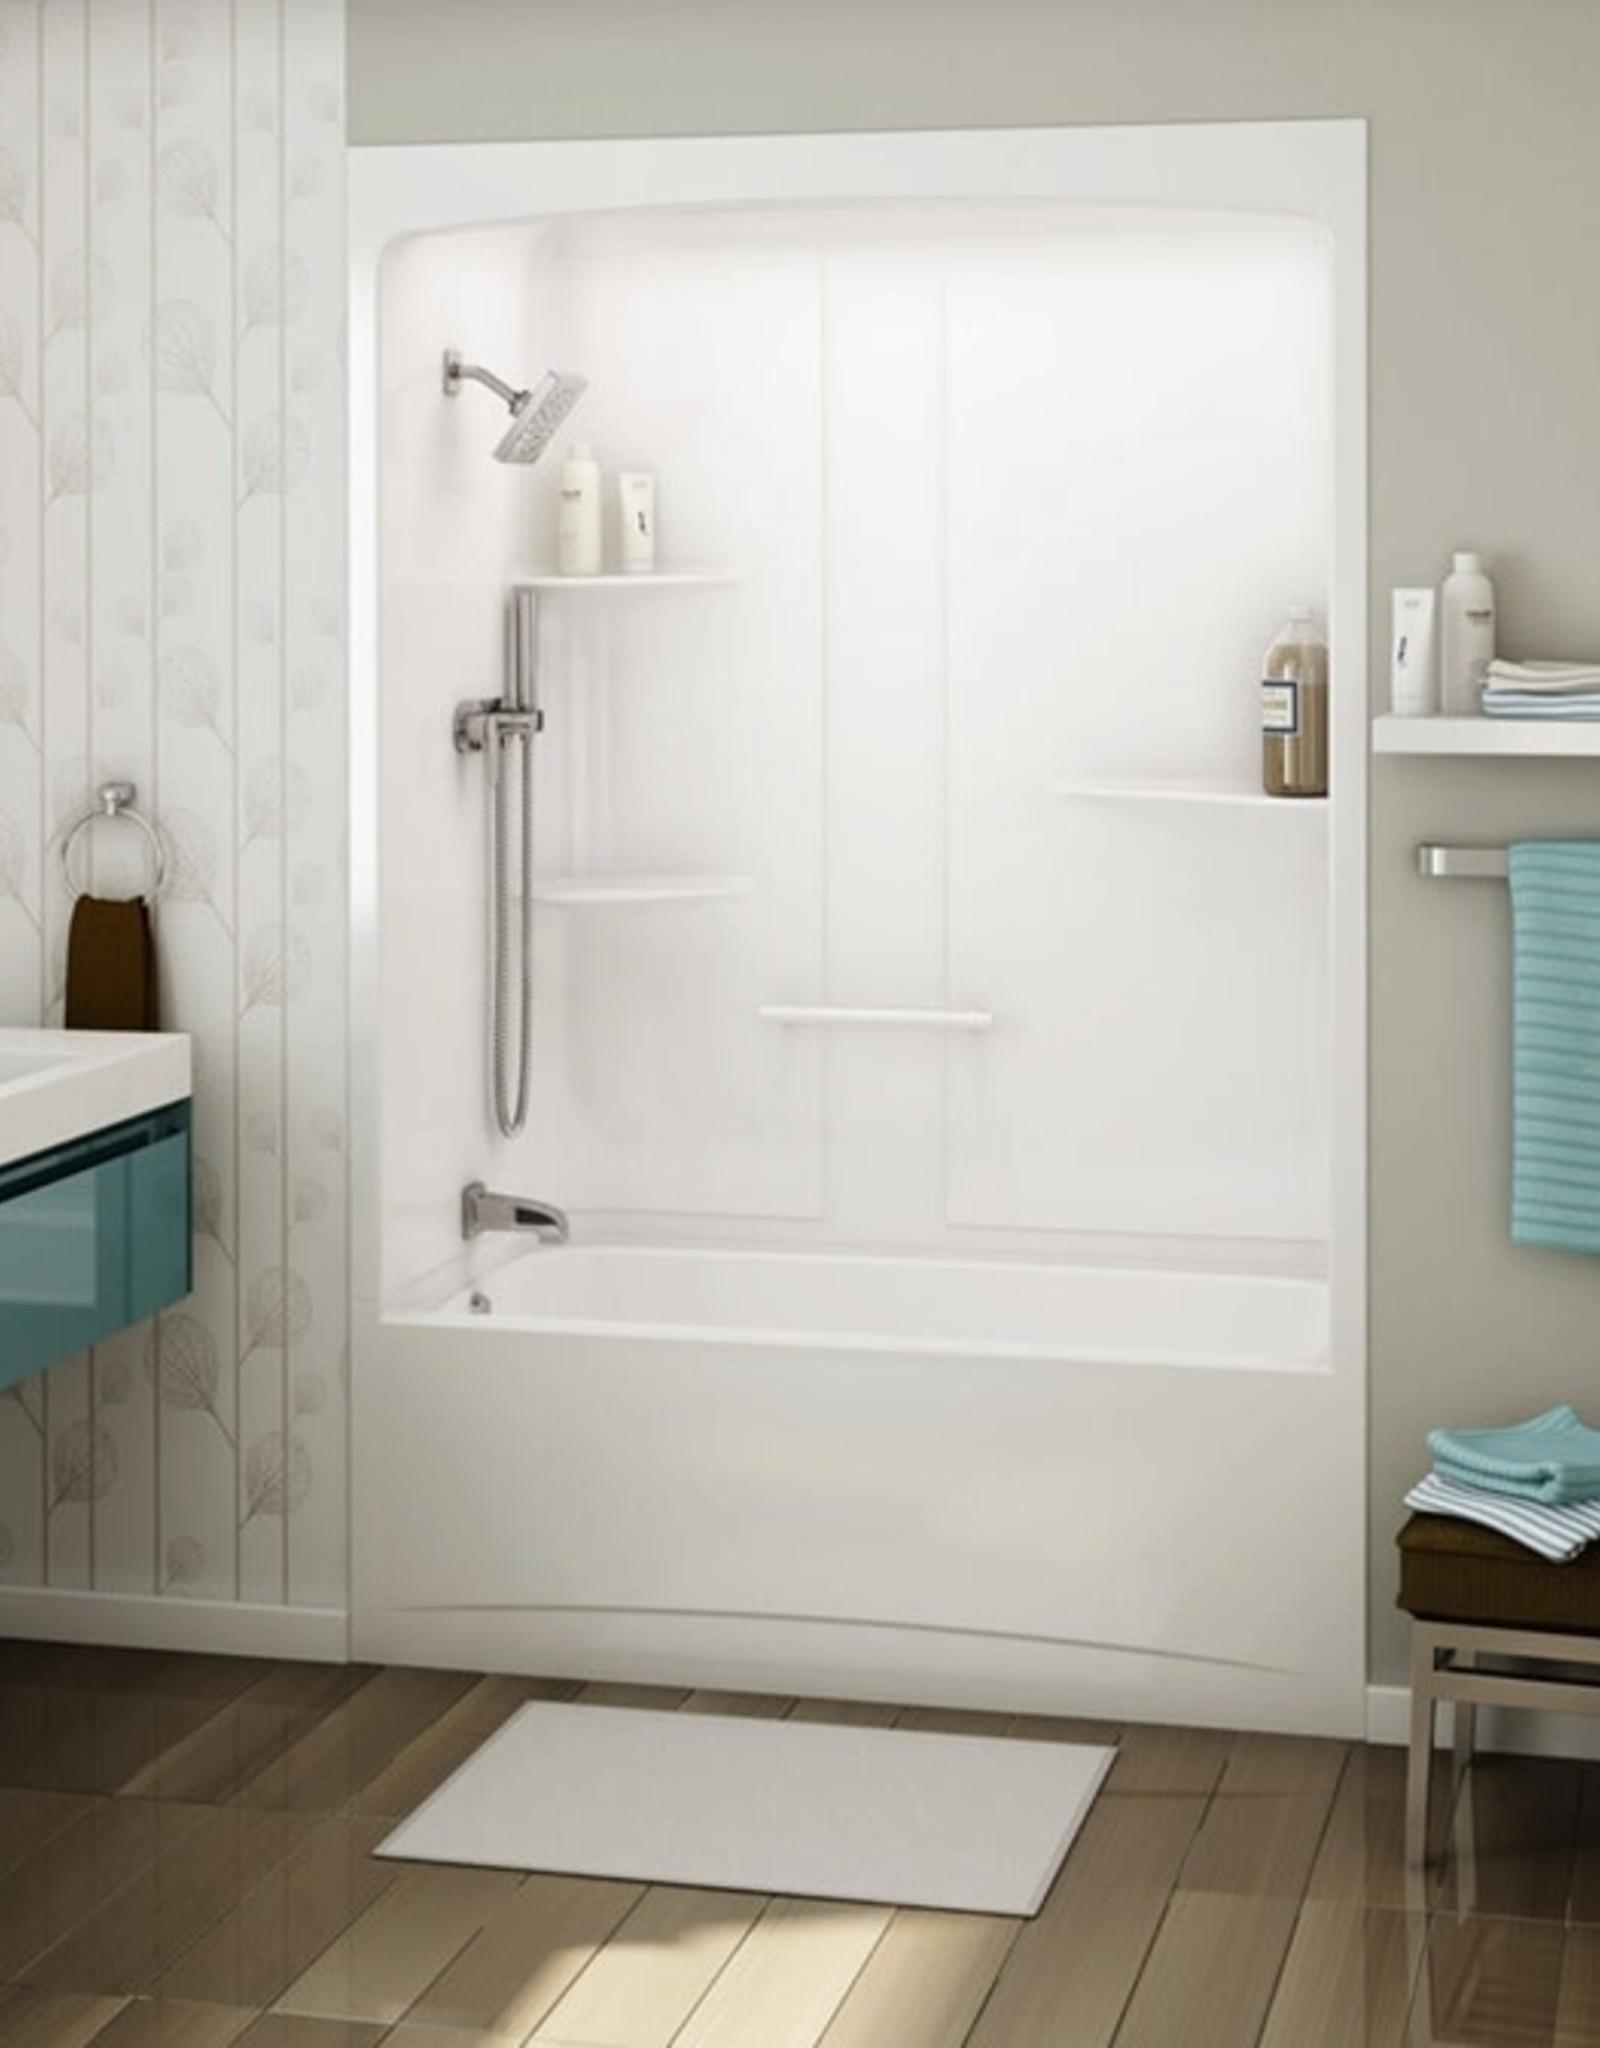 Maax Maax Allia 1-Piece Tub/Shower 60x32 RD